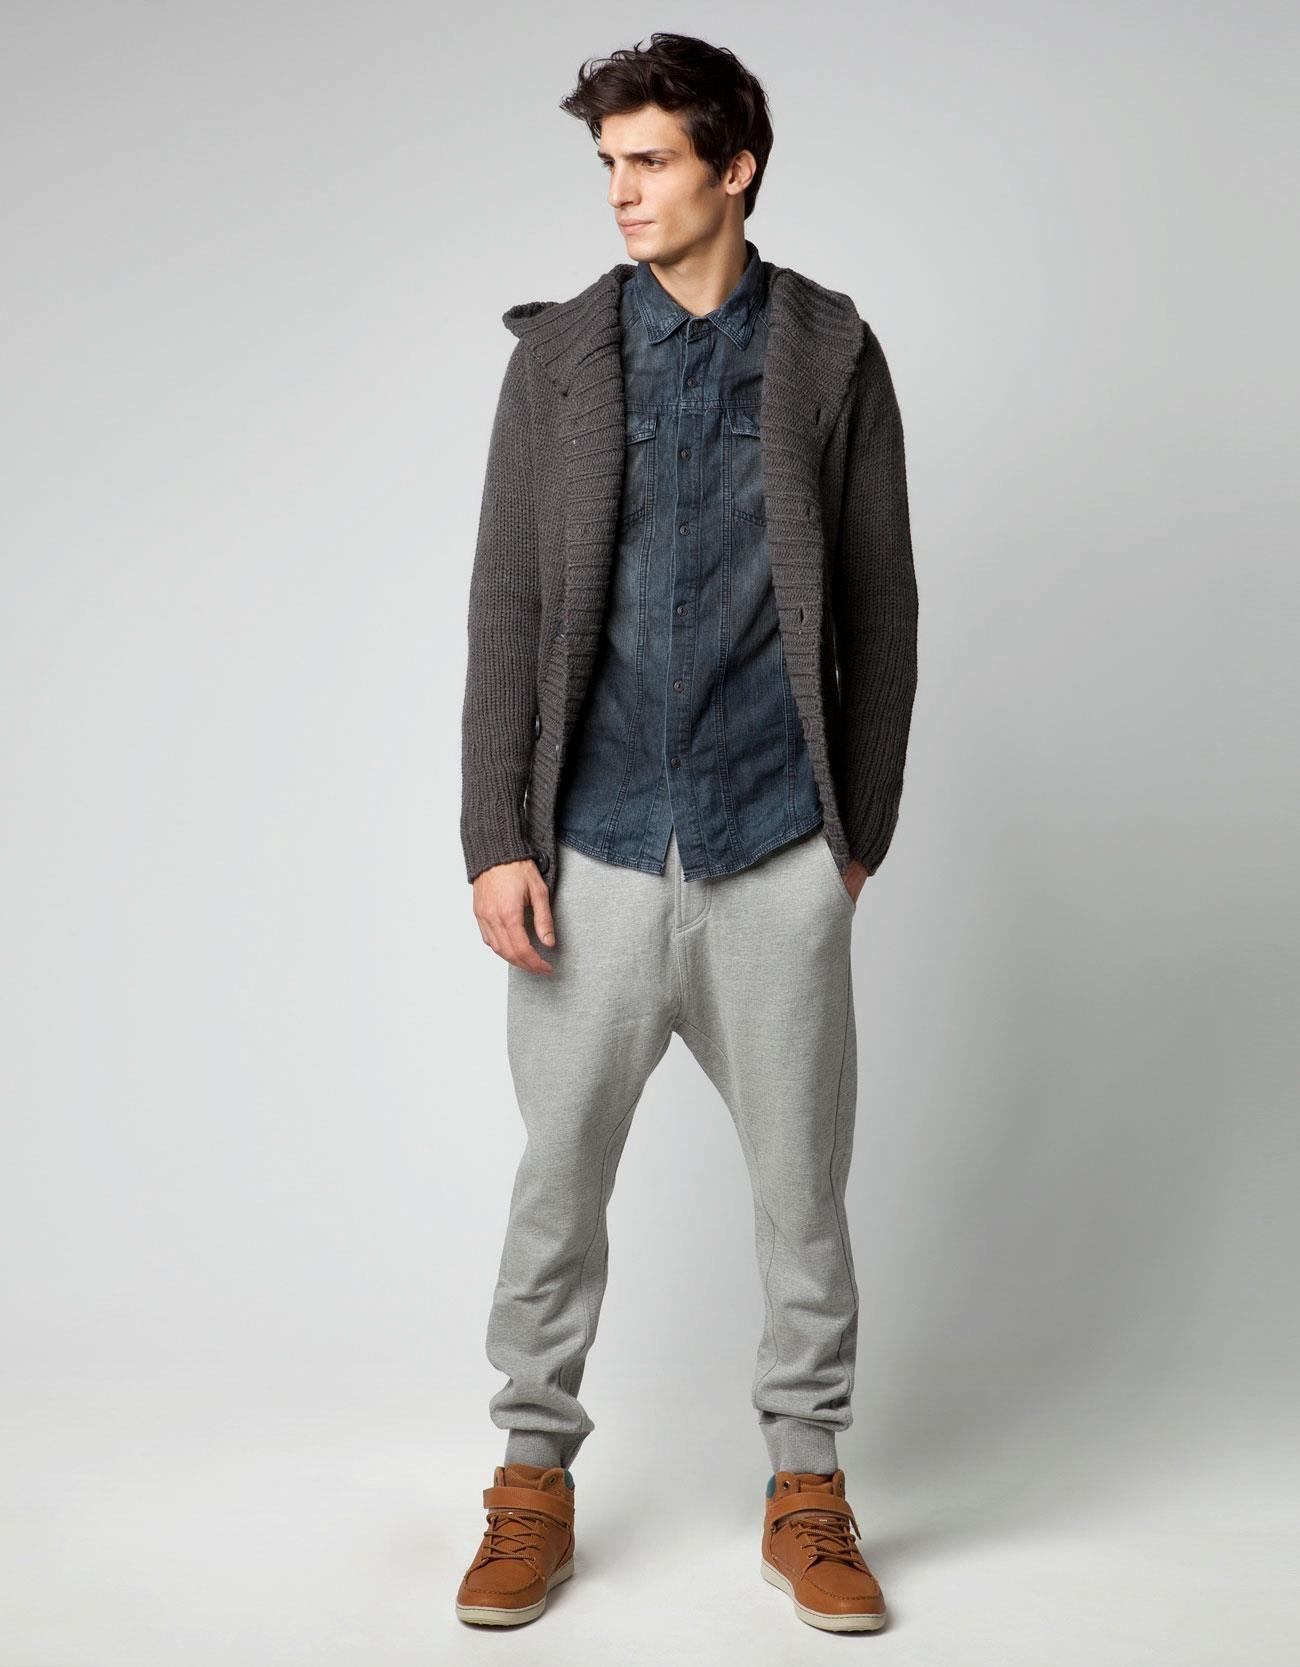 c89954ab0b7 conjunto para hombres en colores grises   Cosas para ponerse   Moda ...